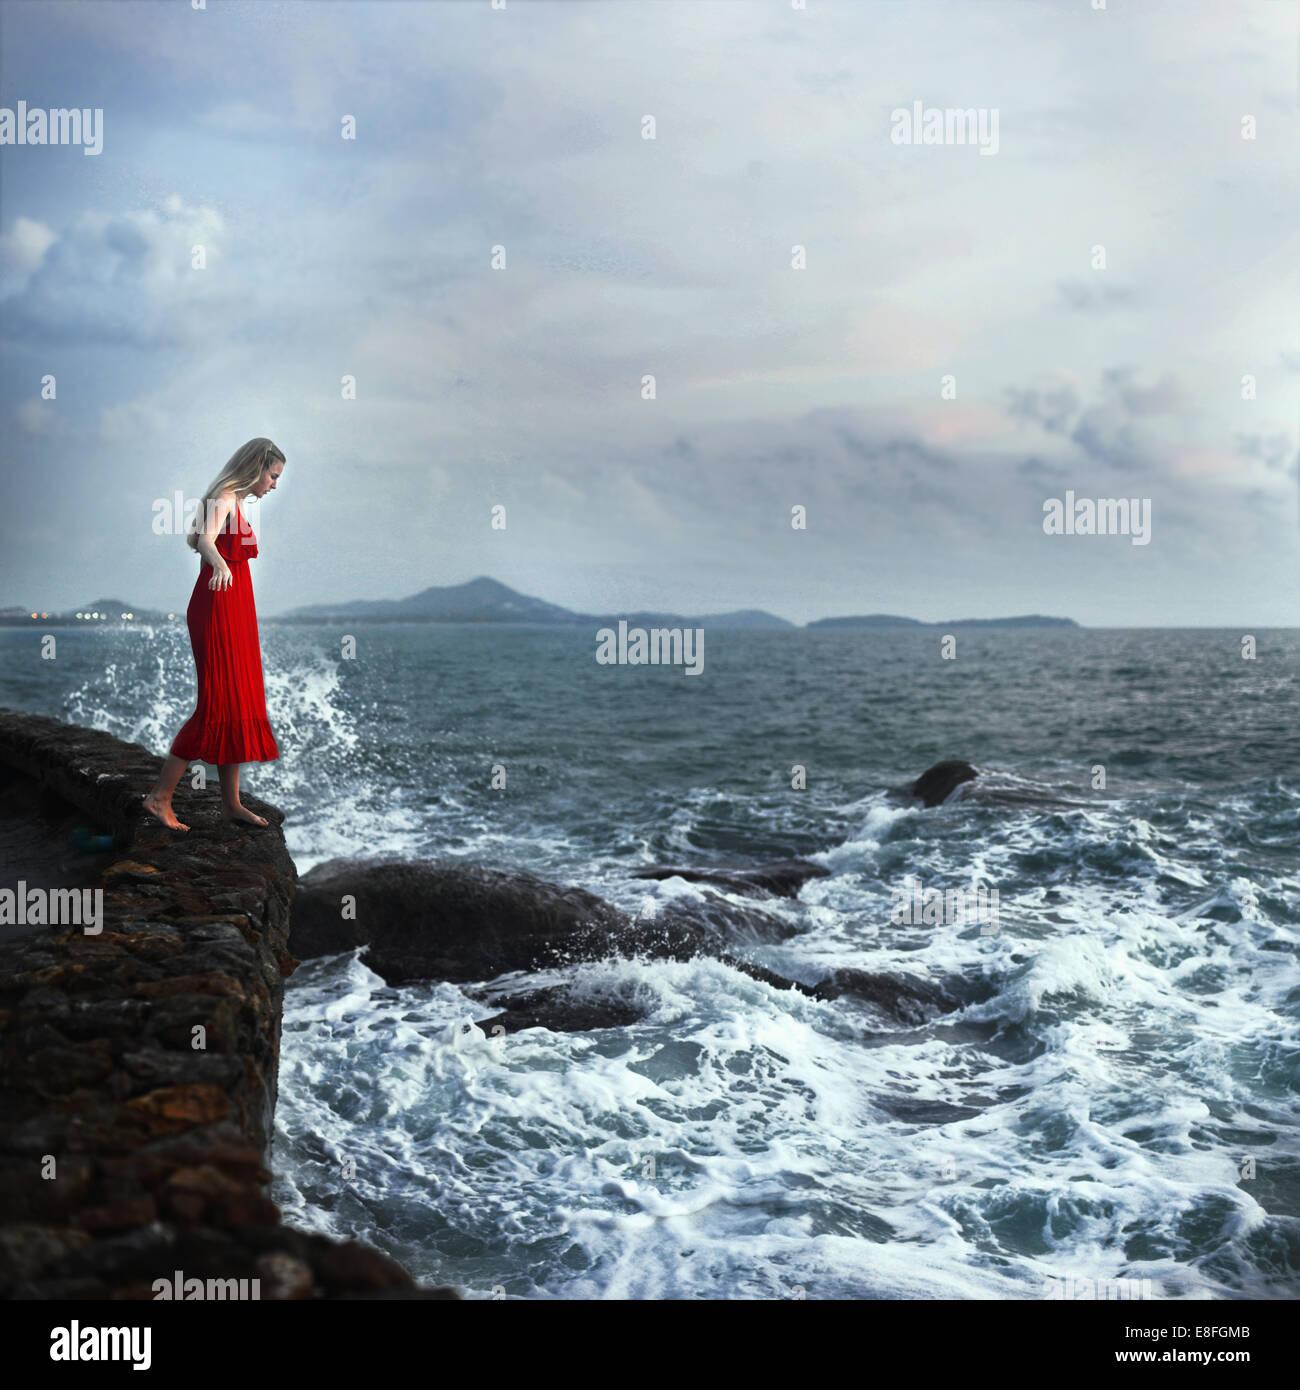 Mujer de pie en el borde de los acantilados, Koh Samui, Tailandia Imagen De Stock